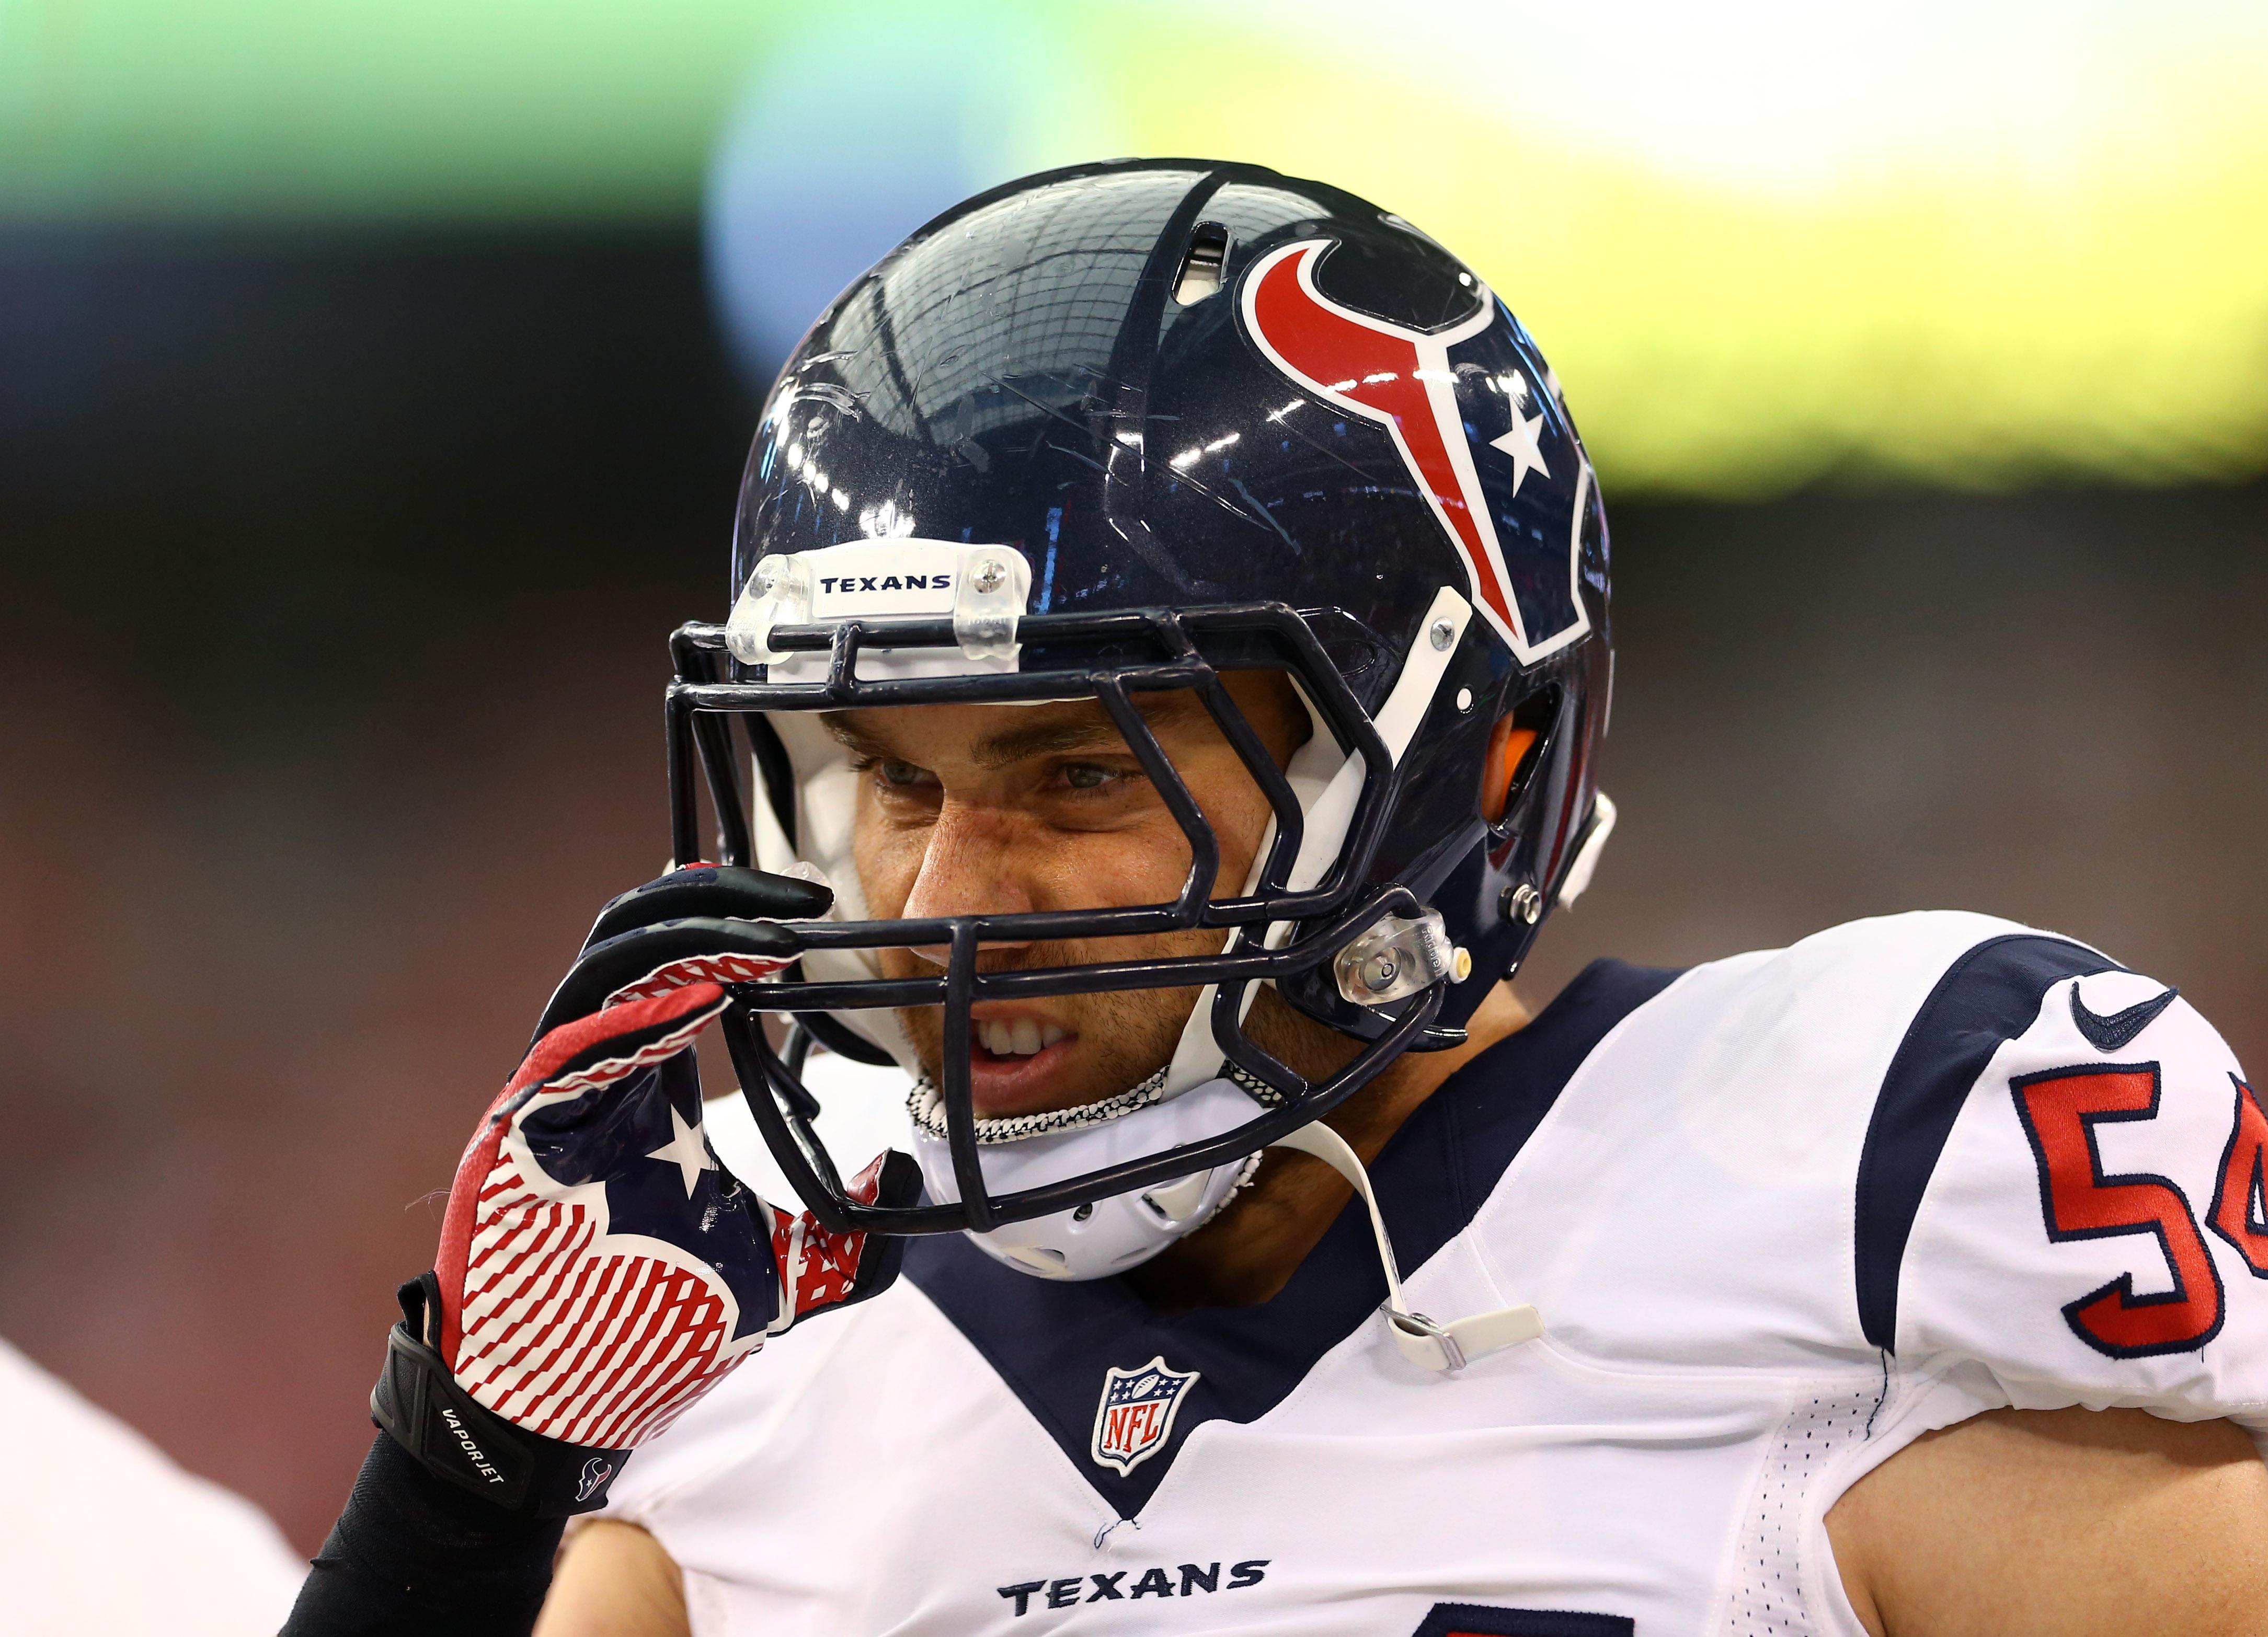 Texan no more.